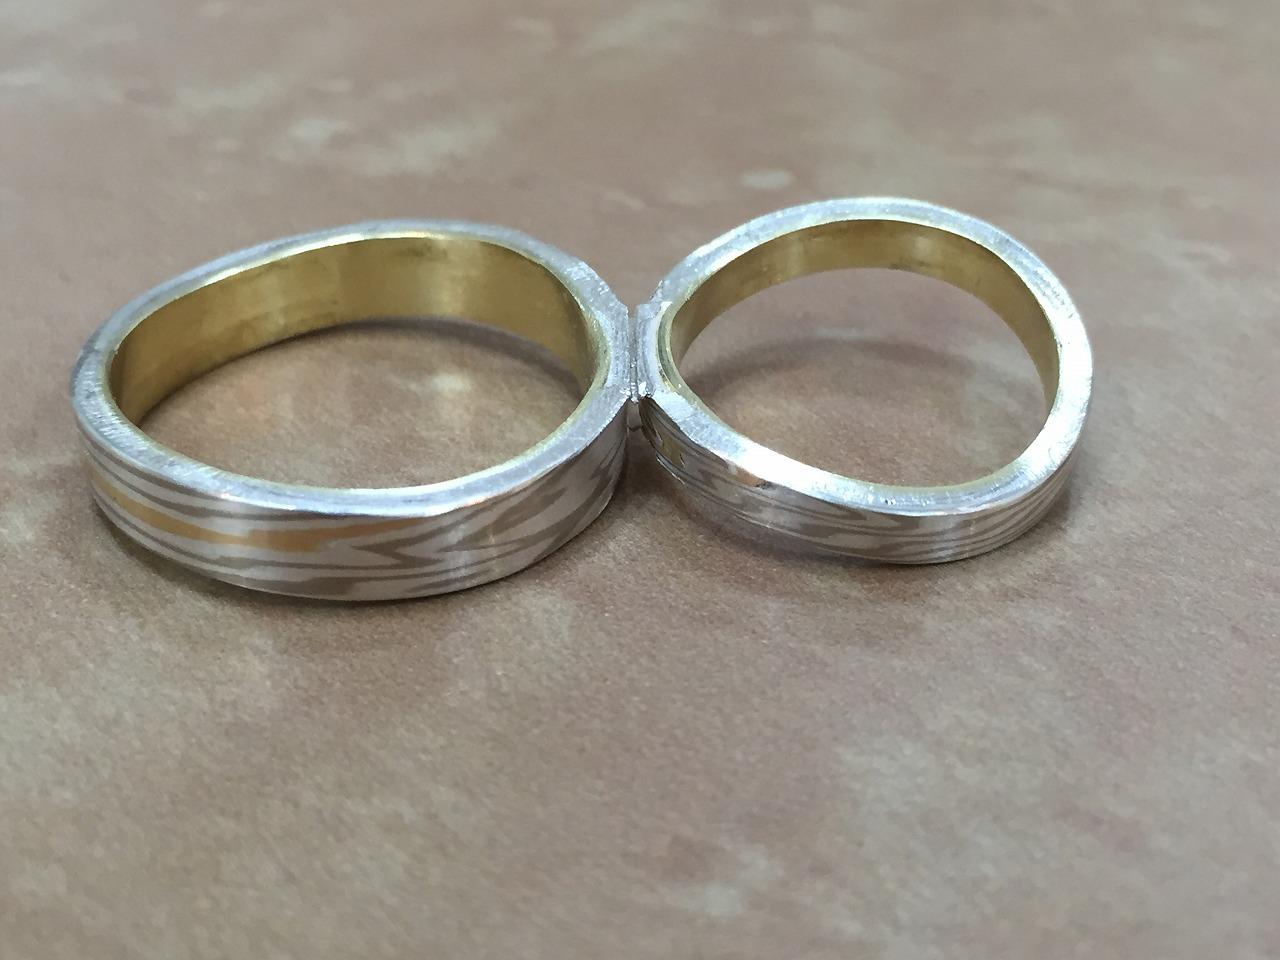 杢目金、結婚指、オーダーメイド、富山、分かち合い、つながるかたち